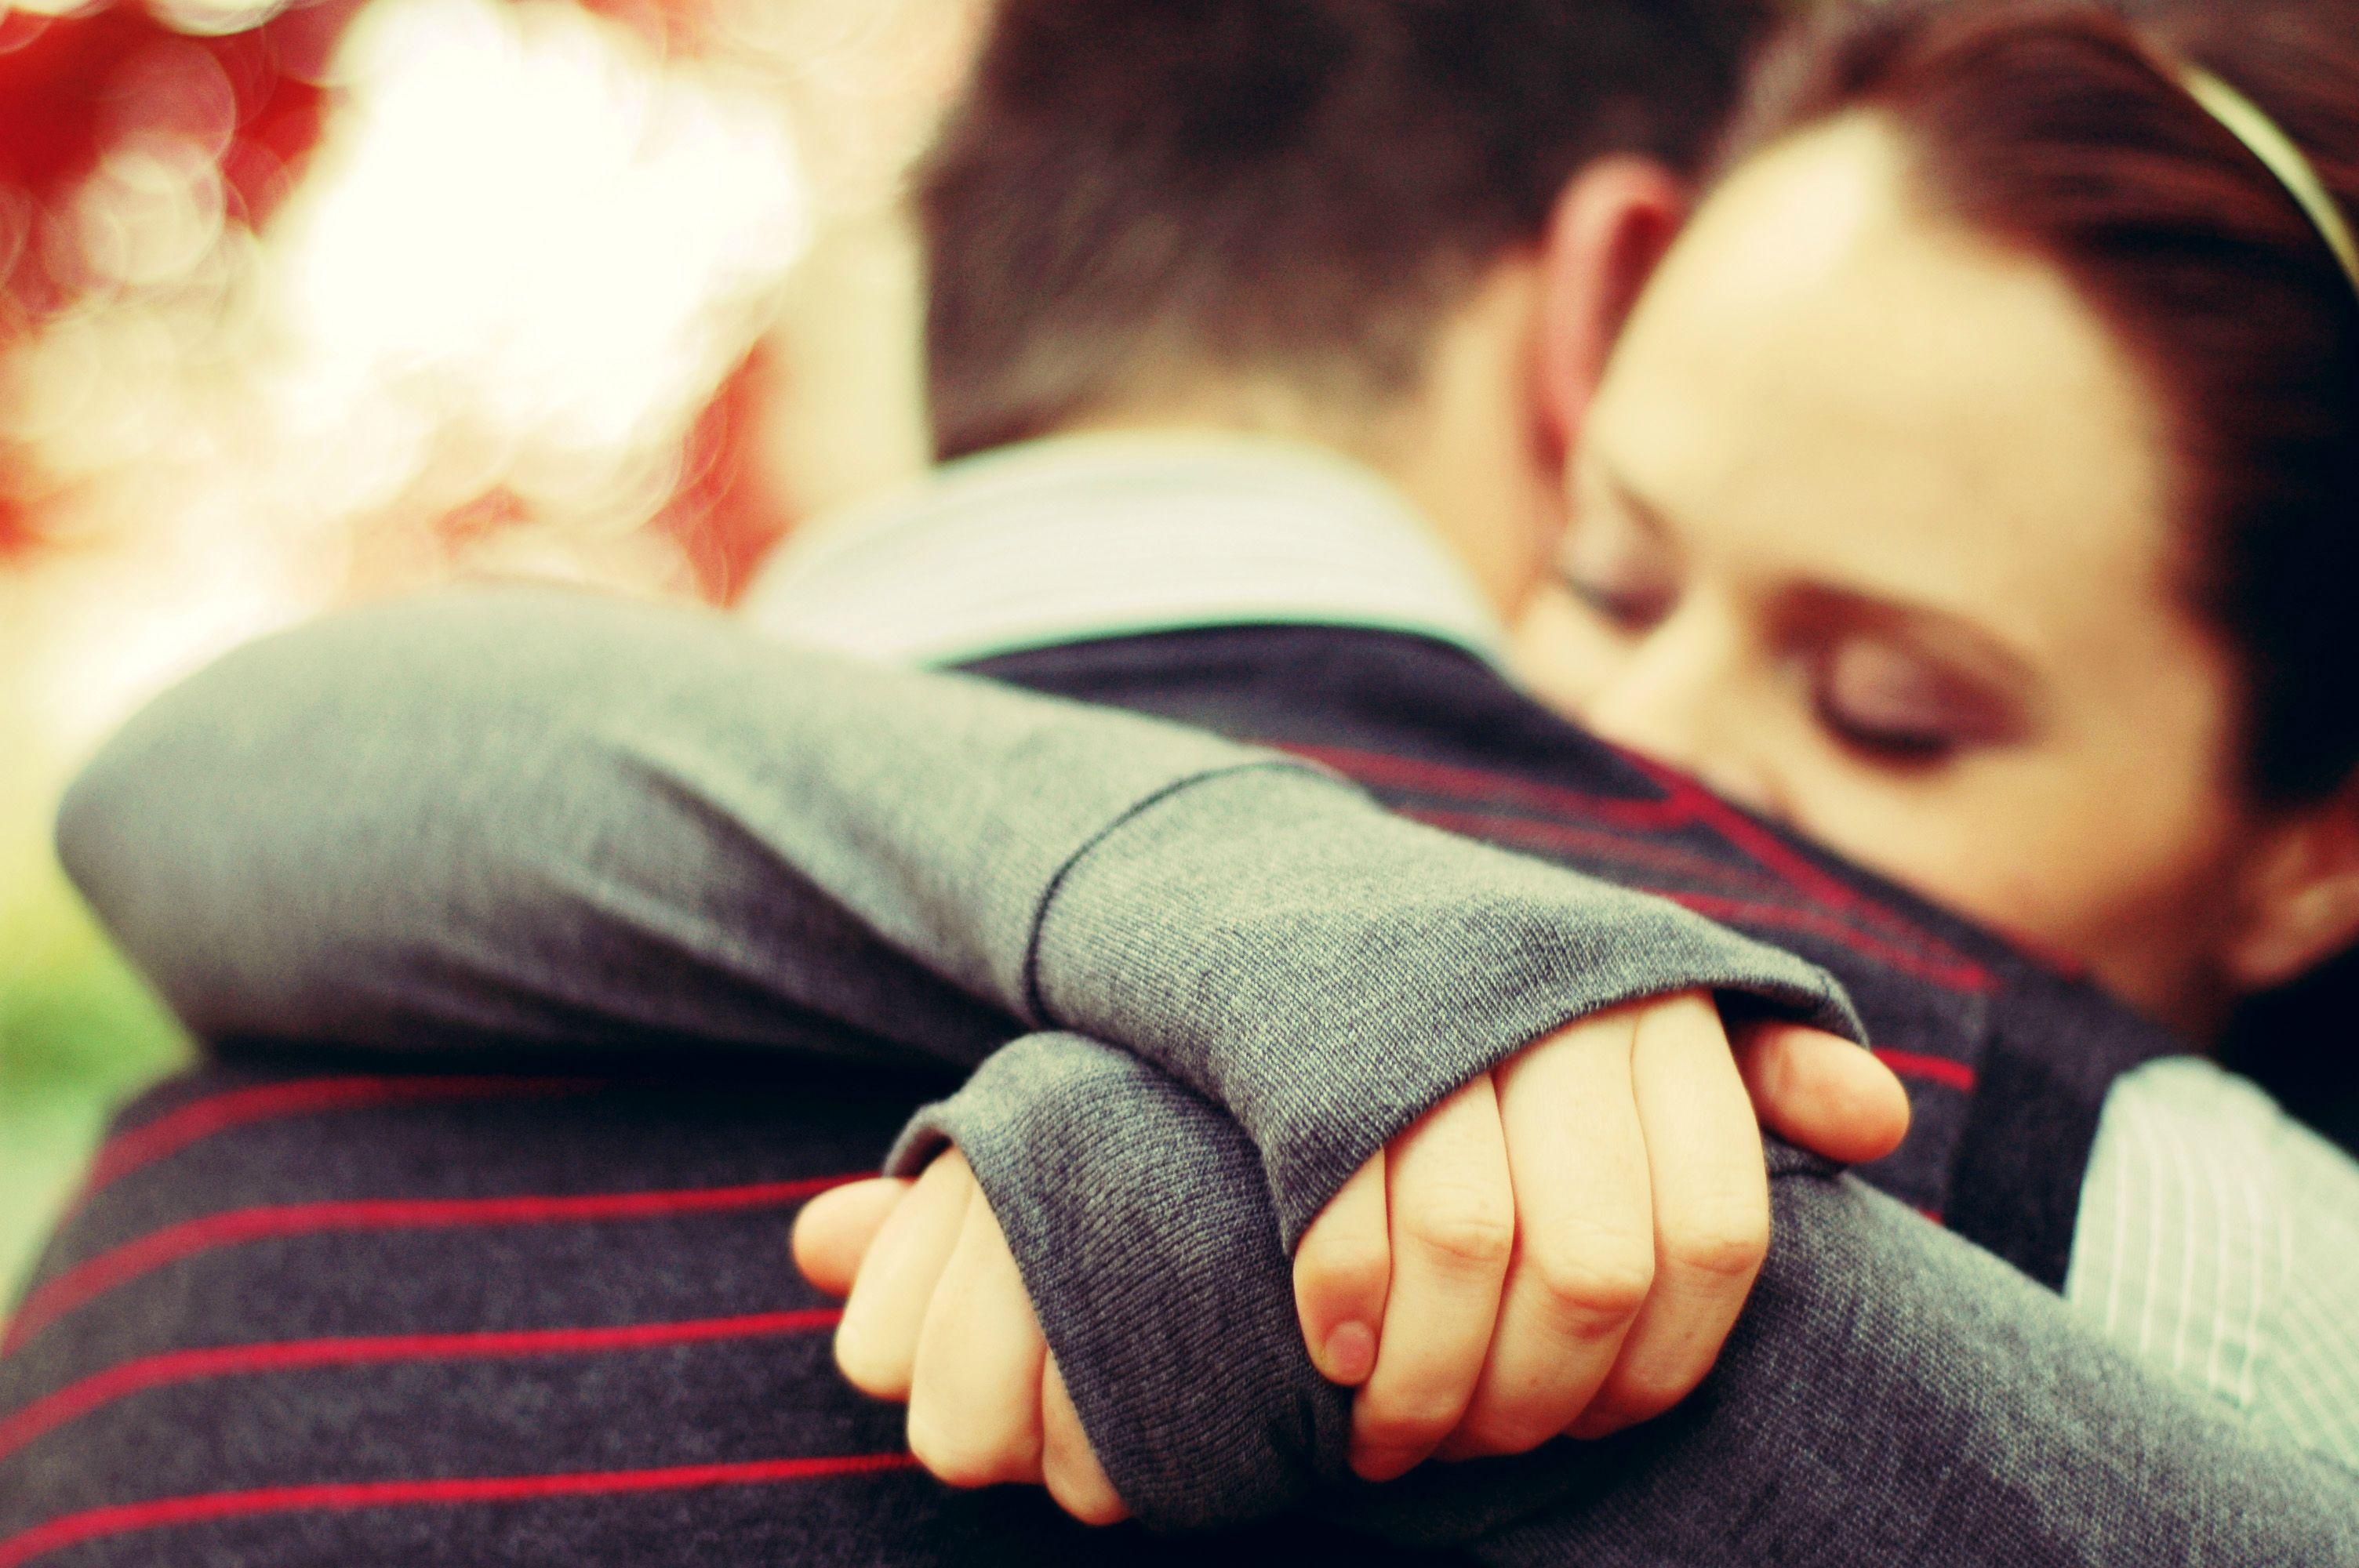 Секс у нас уже был но только один раз тут он отстранился от моих губ и надавил мне на плечи получилось что я села на колени напротив его 11 фотография